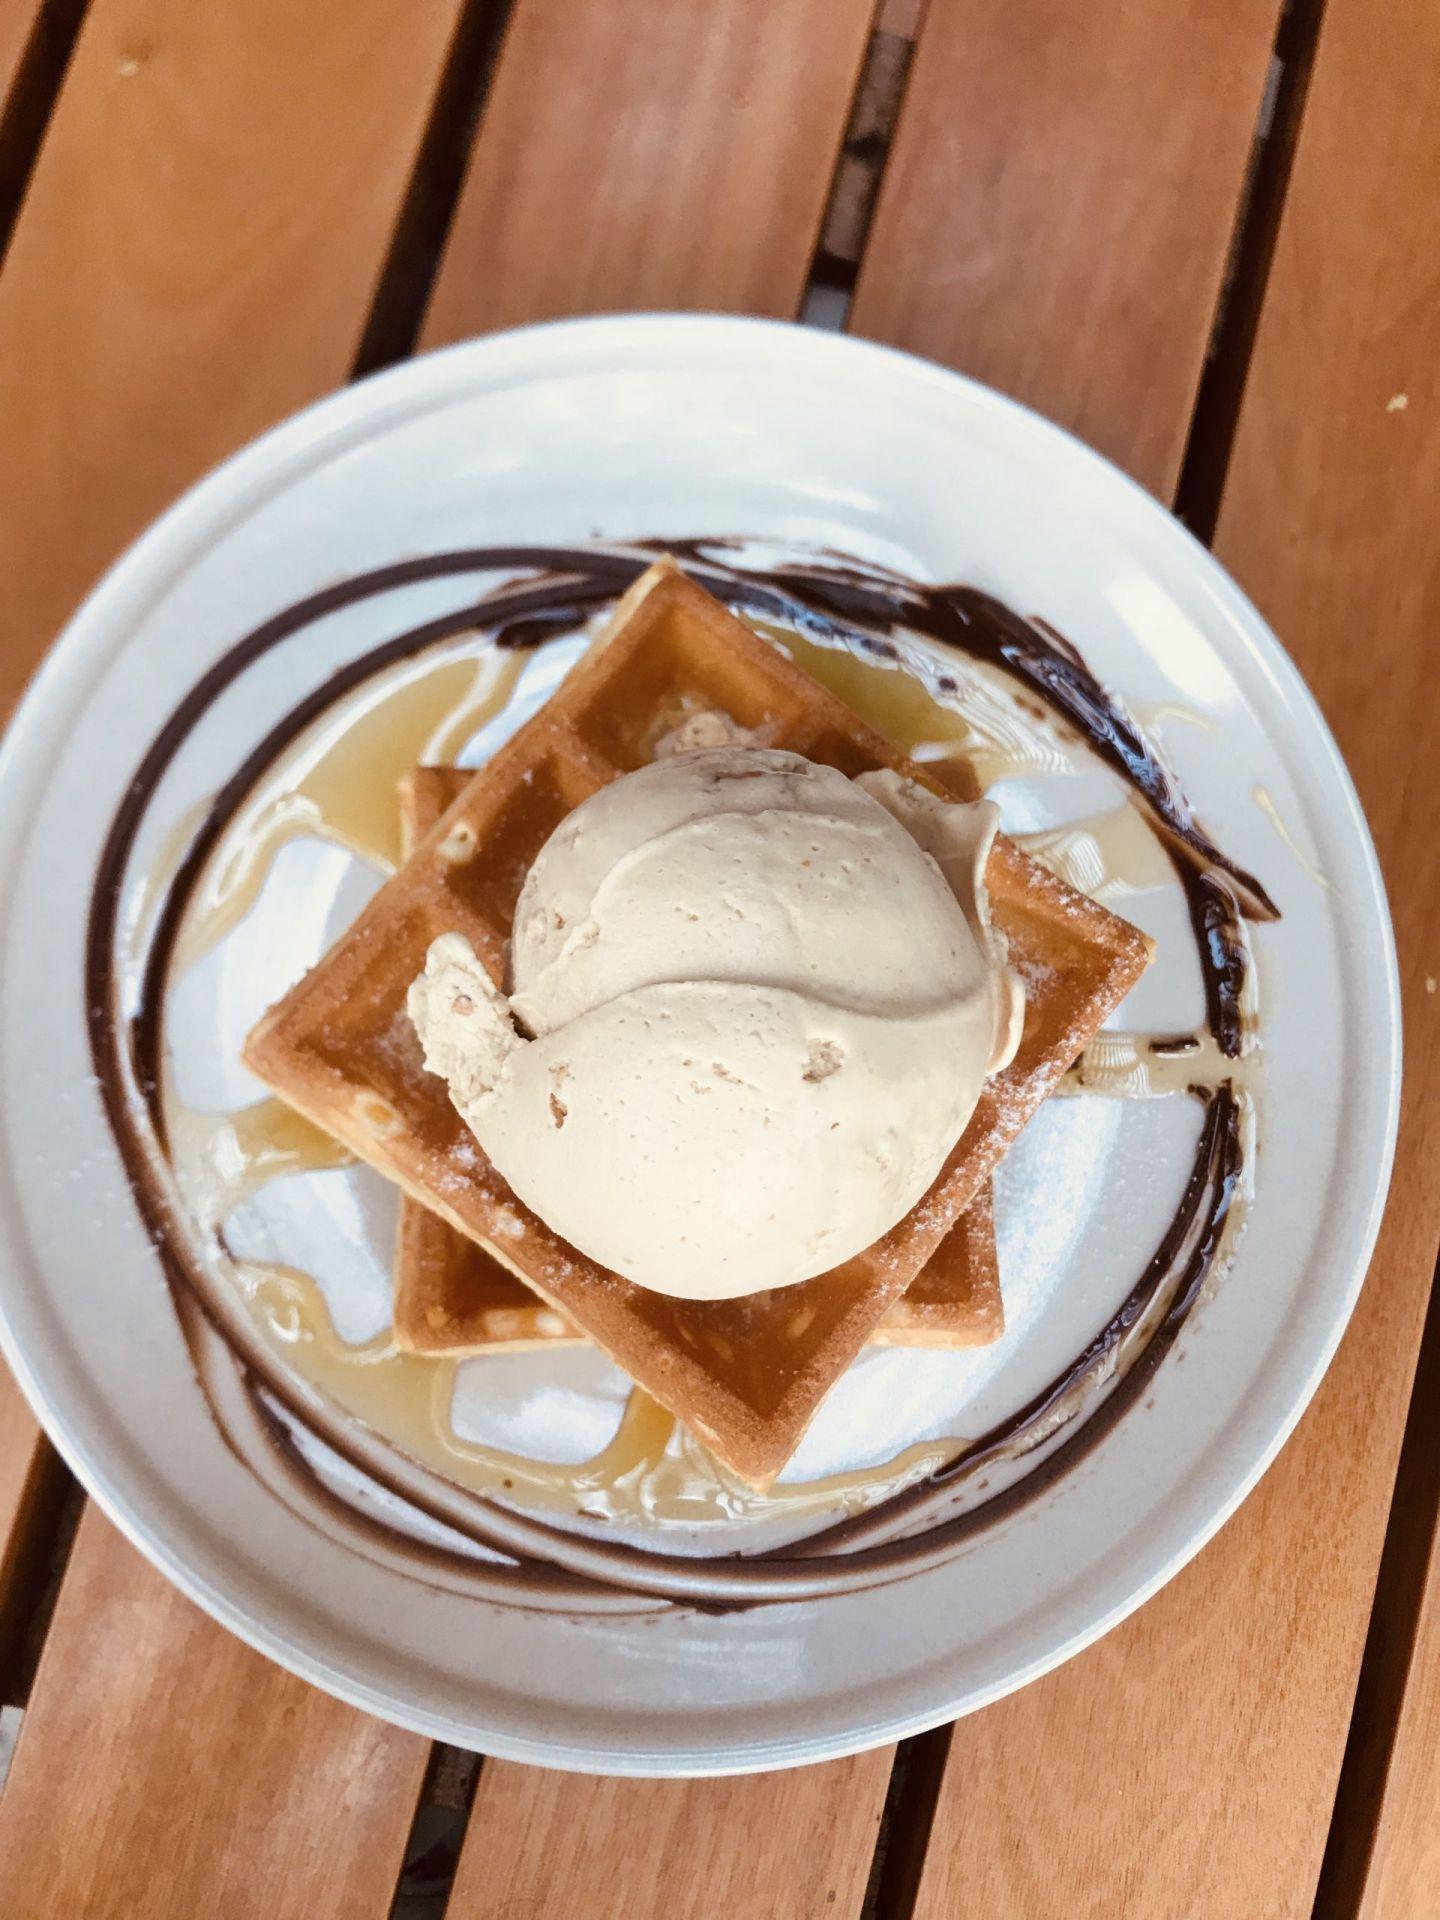 Creamier-Gilham-Barracks-Waffle